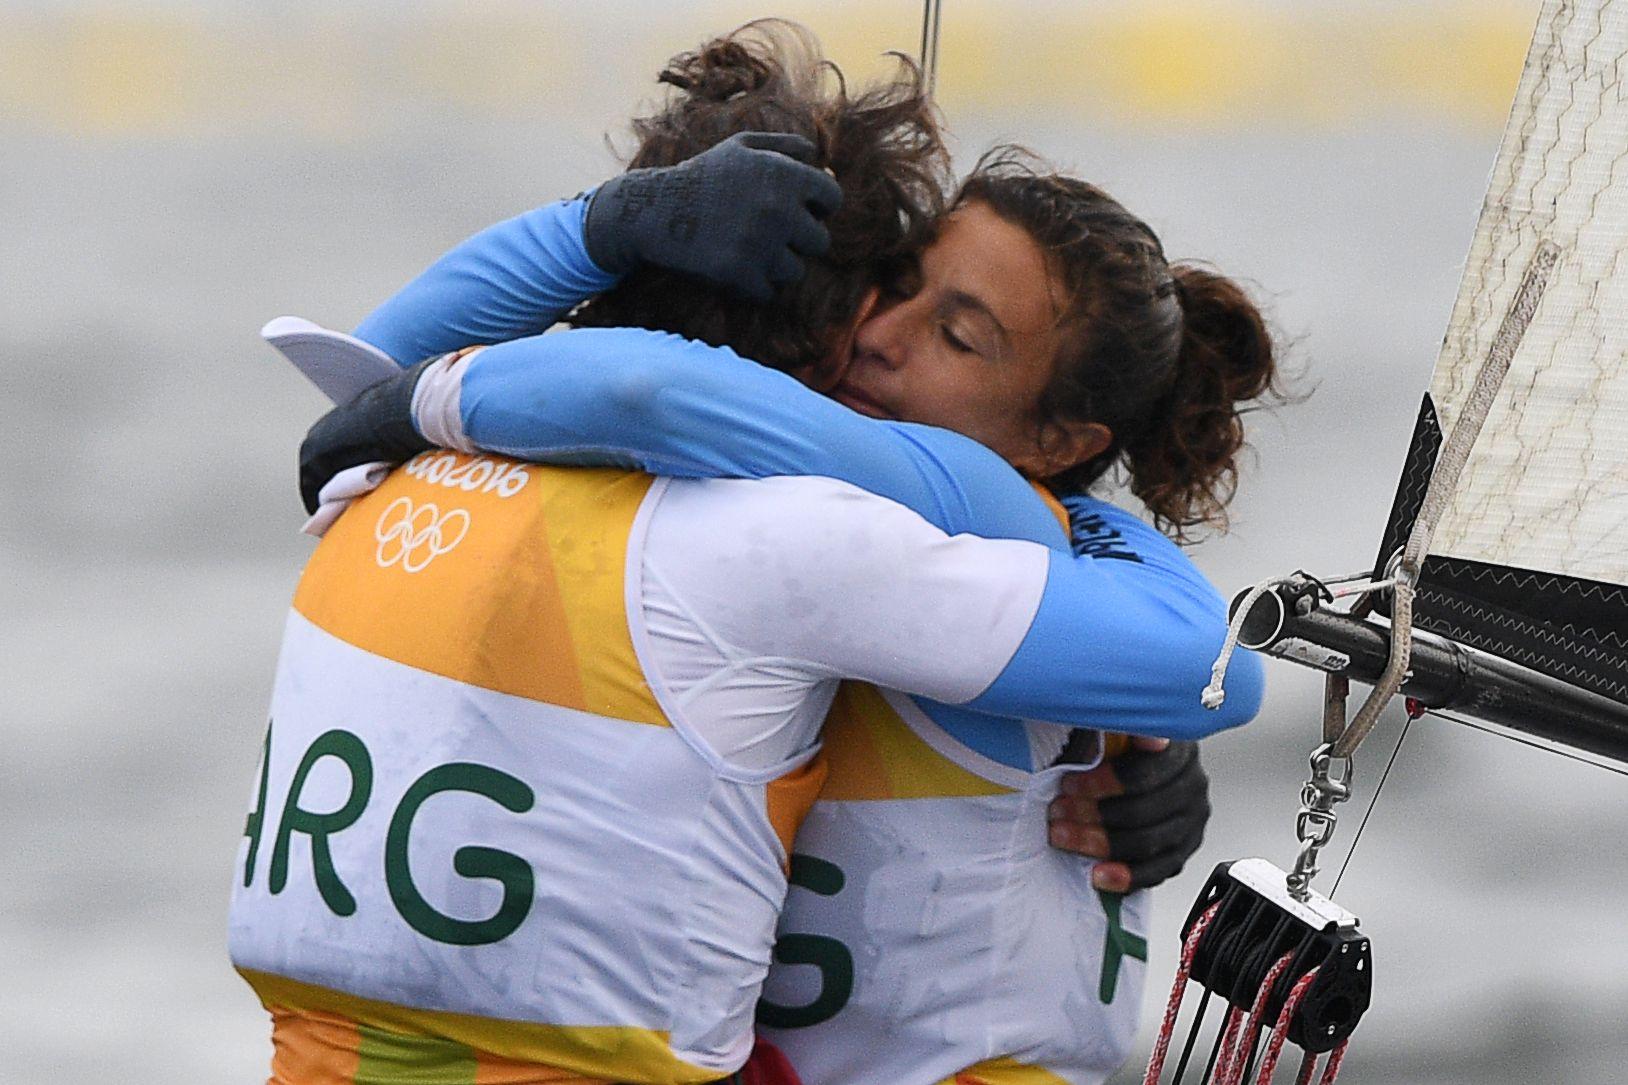 Heroico: Santiago Lange y Cecilia Carranza ganaron la medalla de oro en Vela en Río 2016